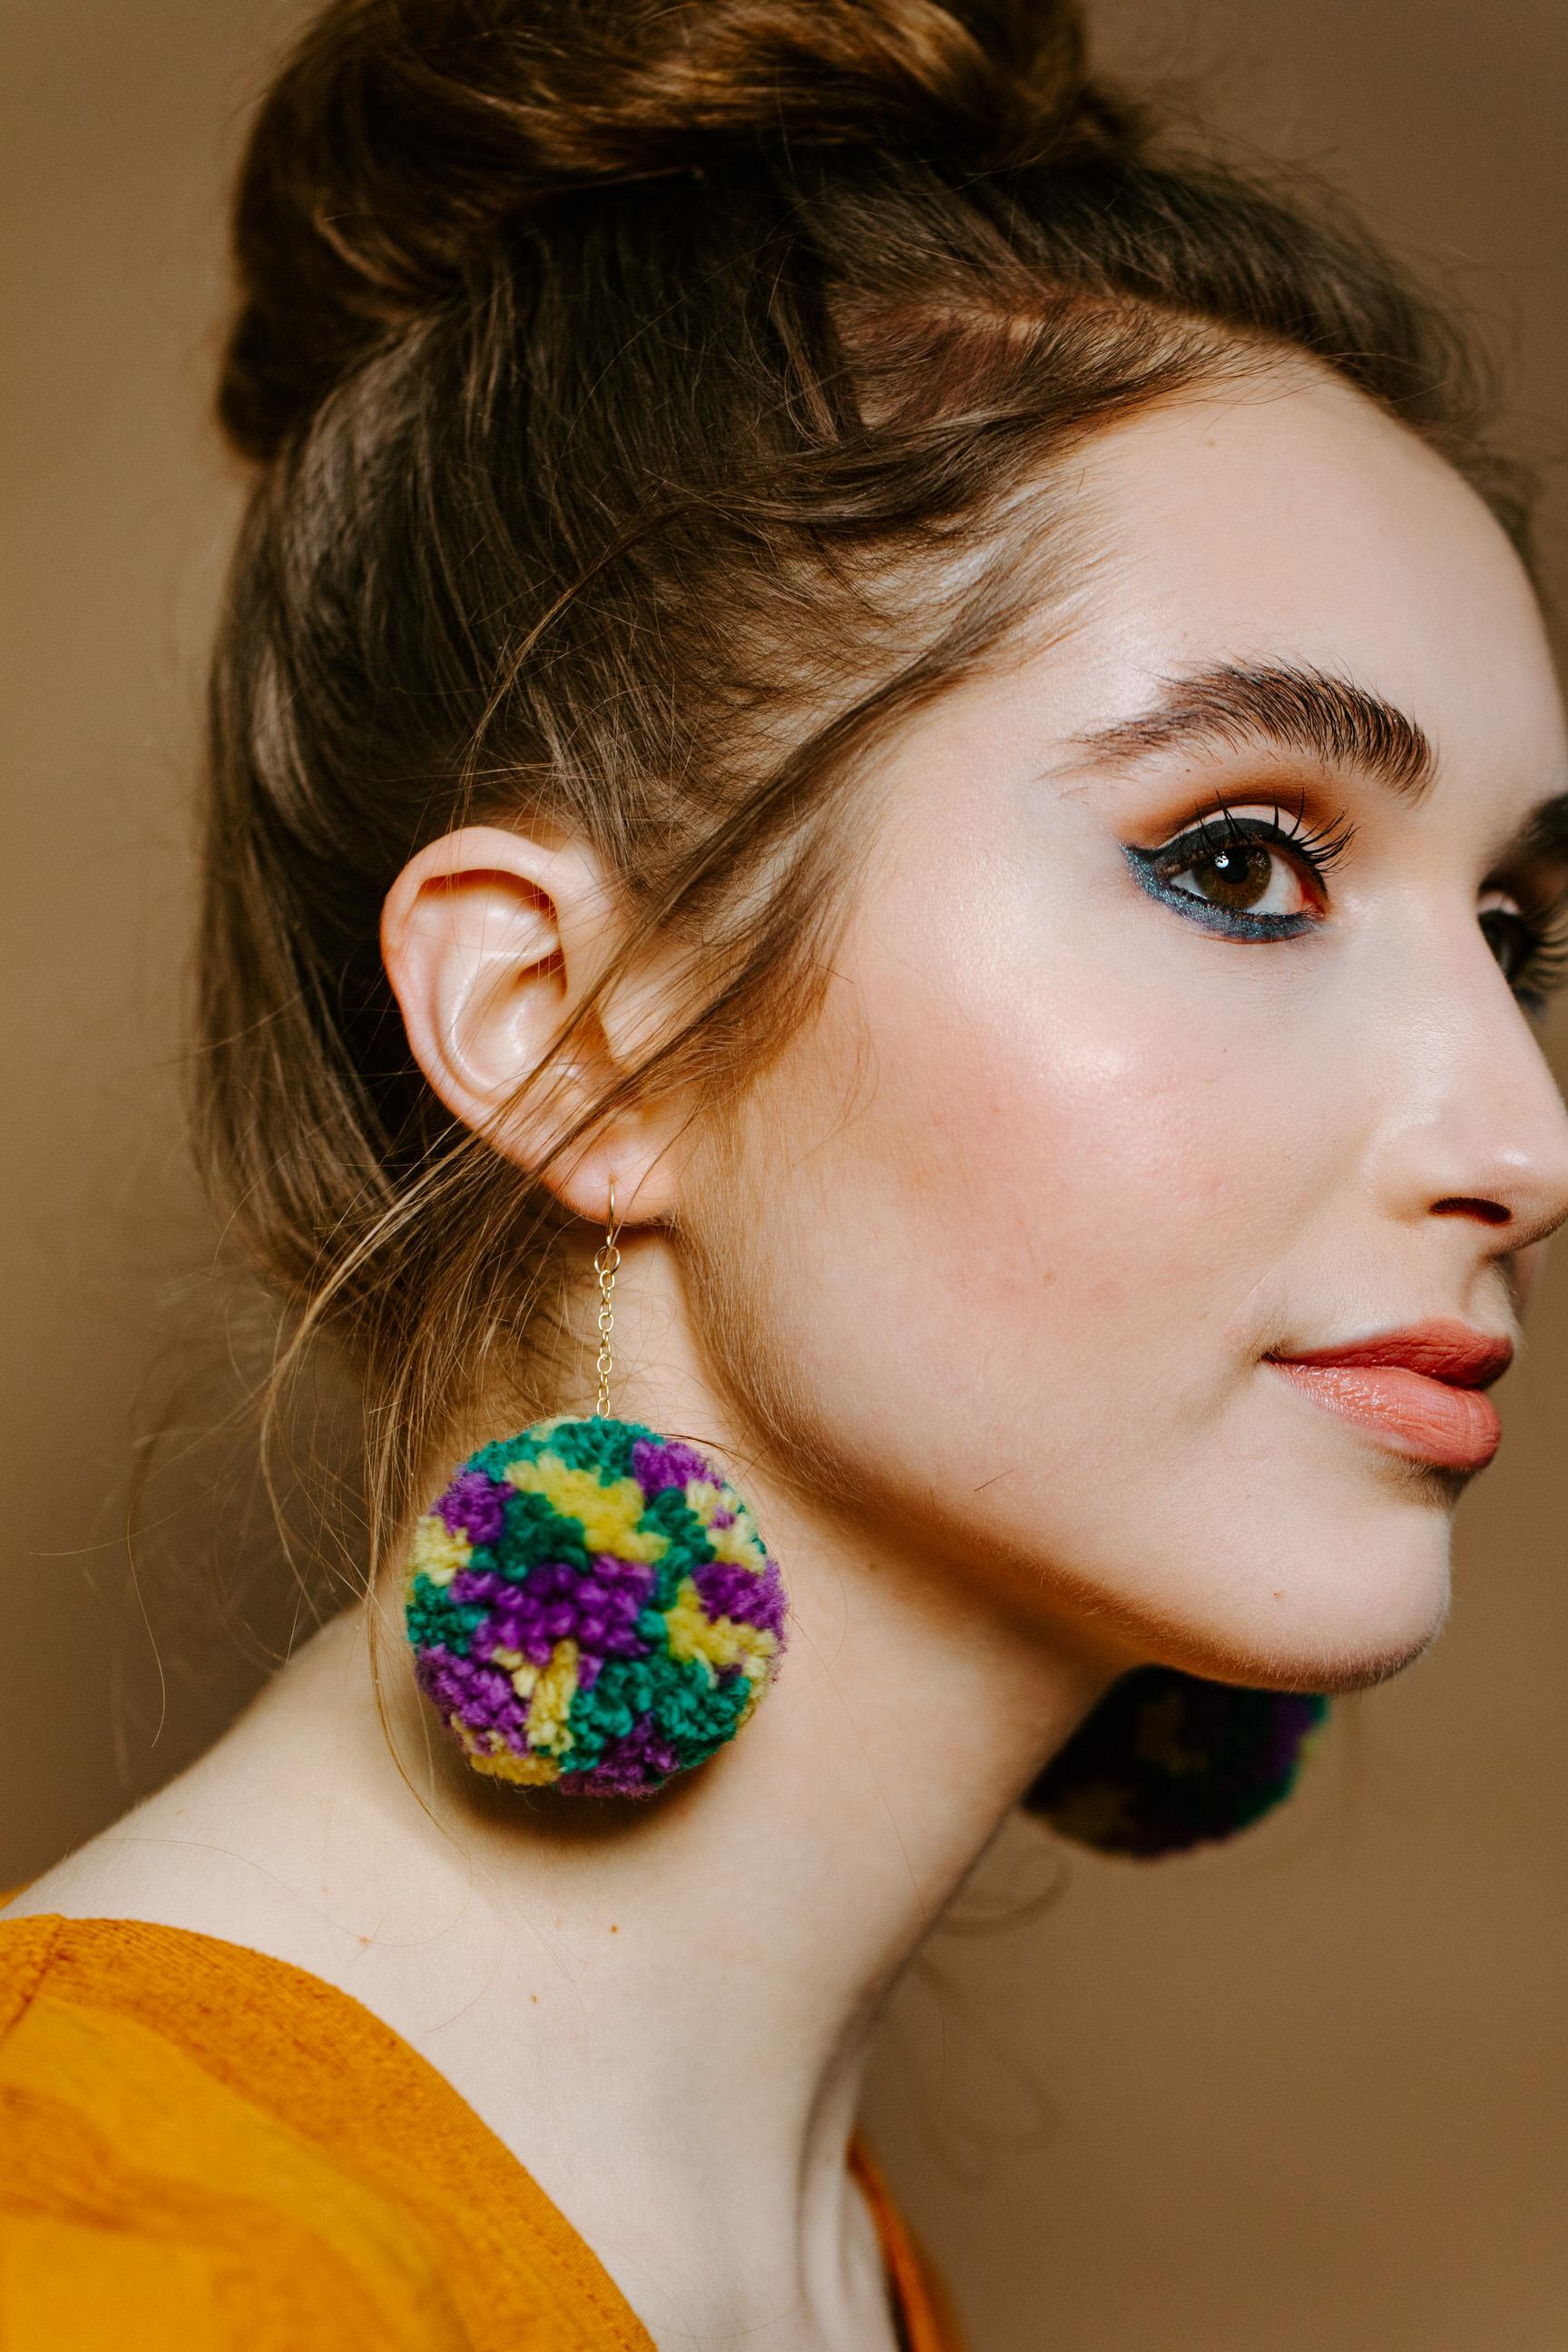 rebekah-earrings-8559.jpg